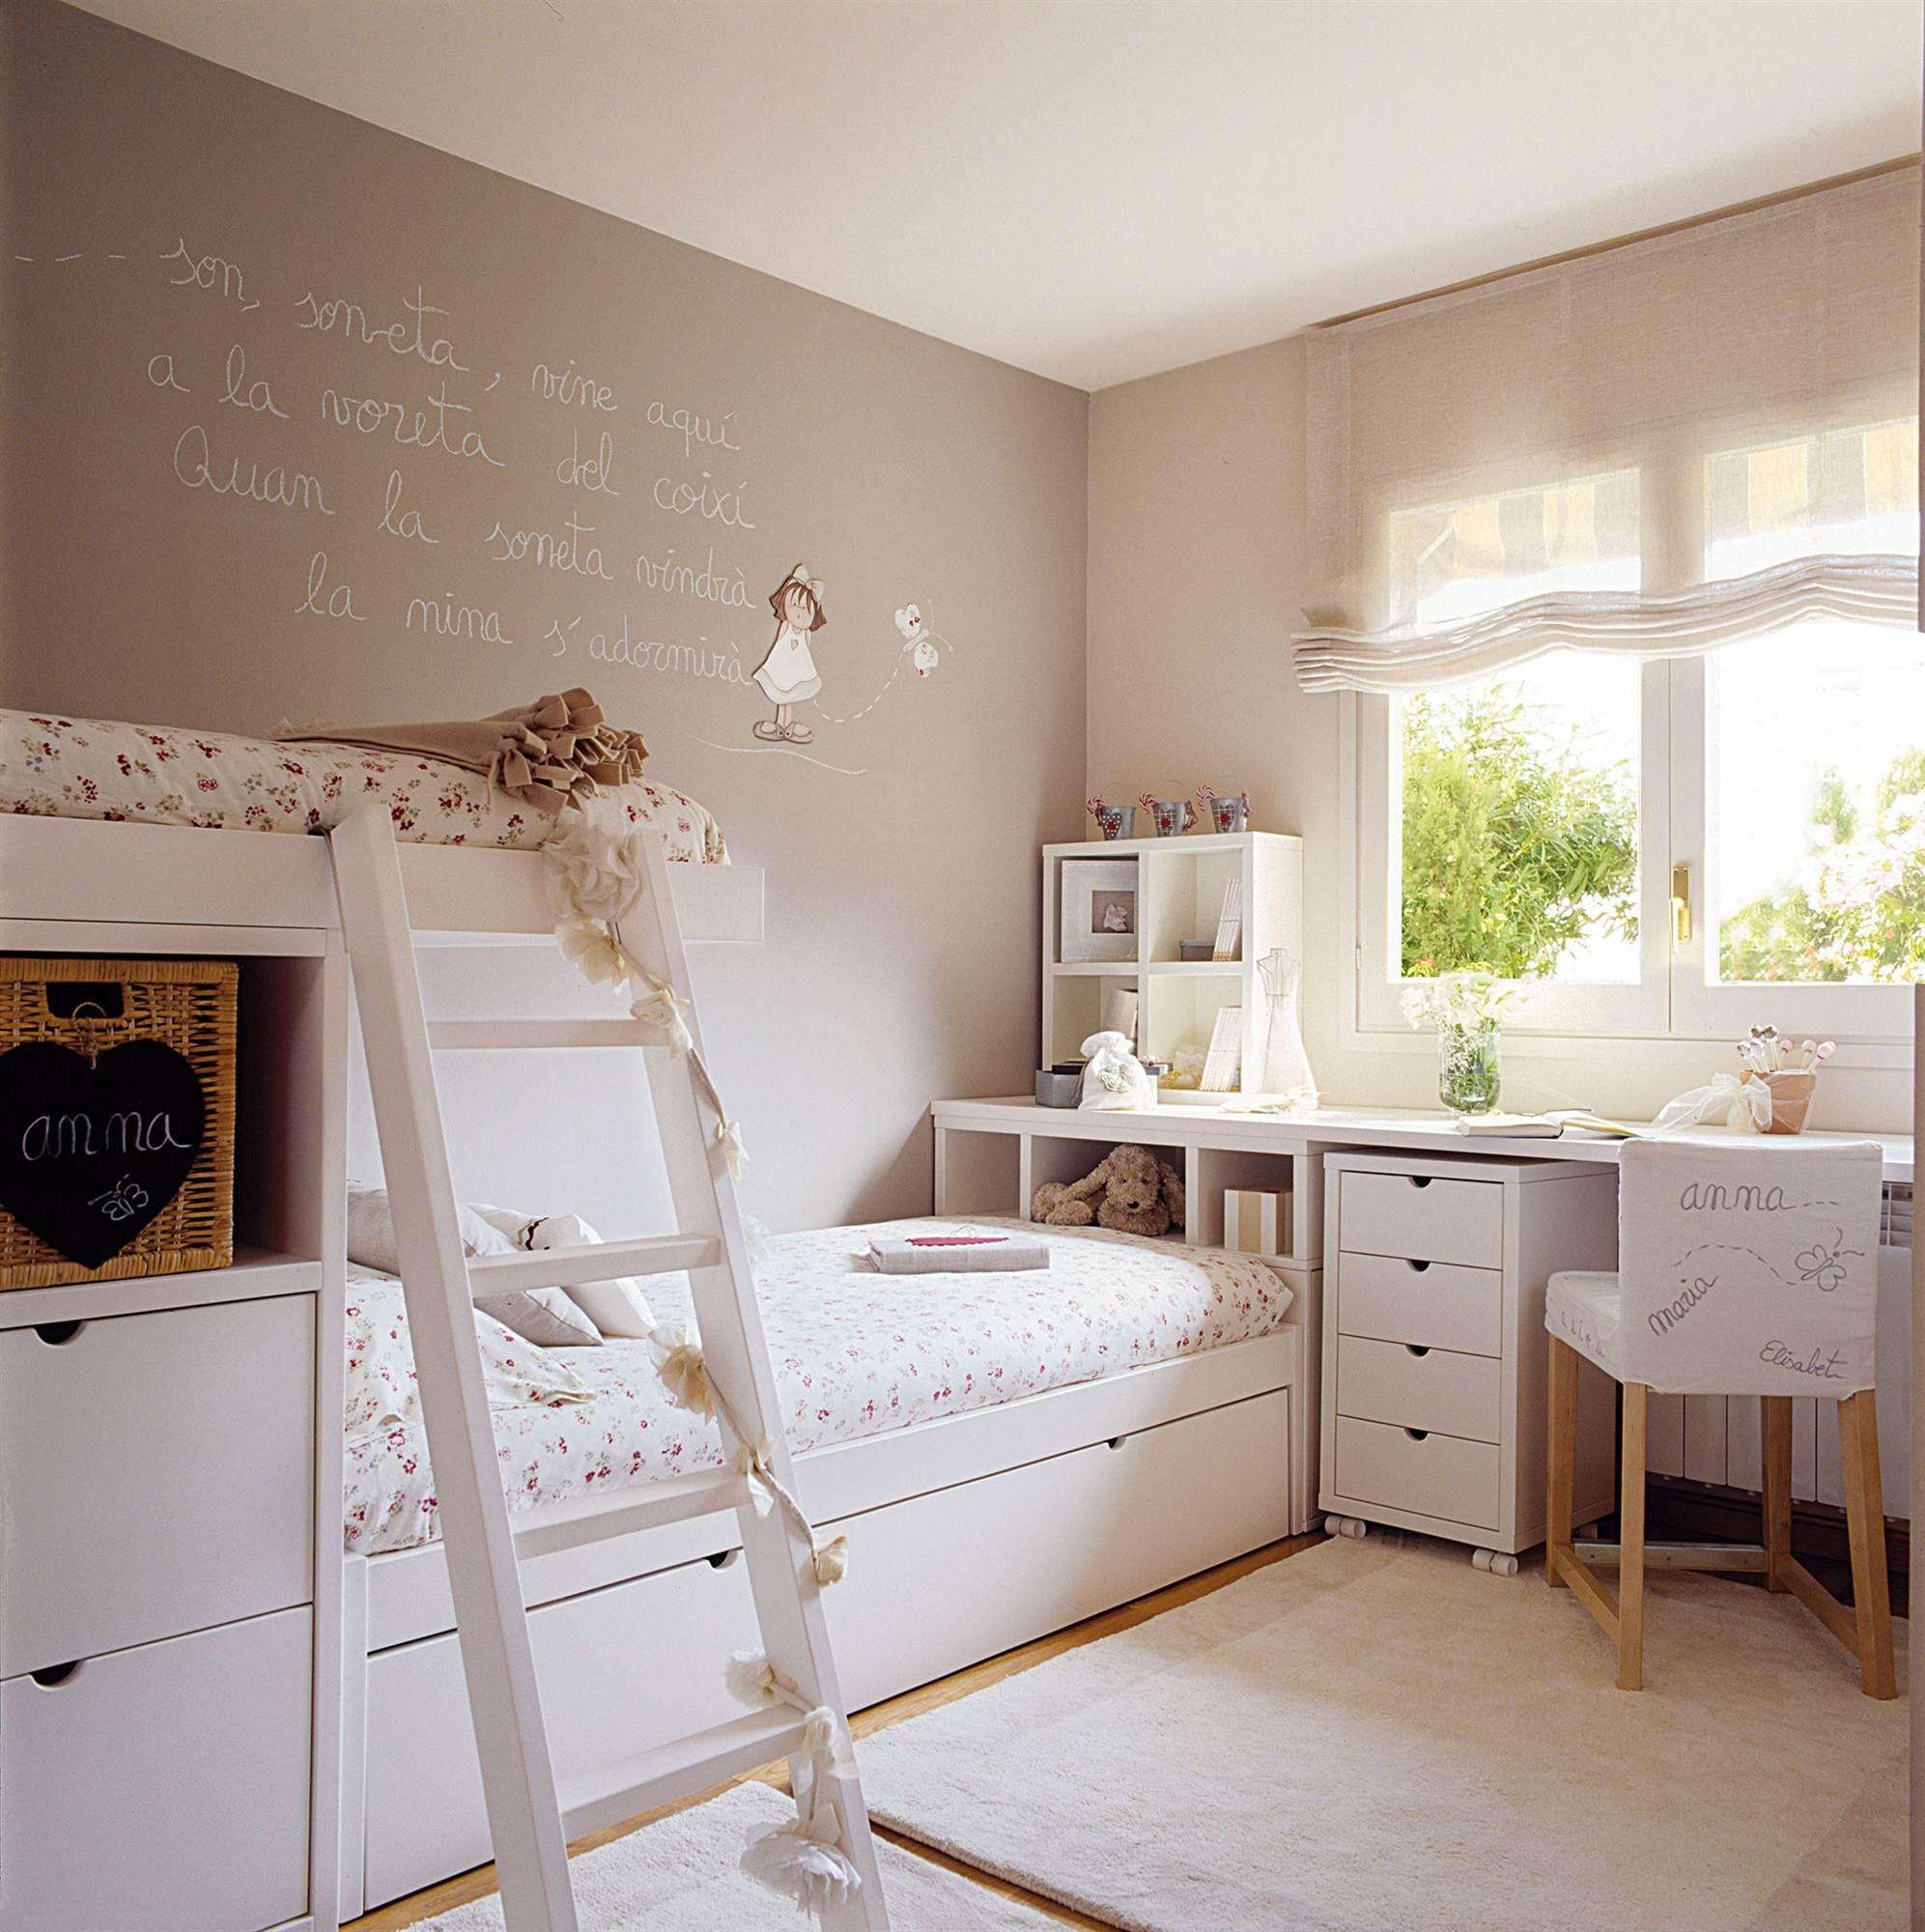 Buen uso habitaci n juvenil cuarto ni a recamara y - Habitacion juvenil nina ...